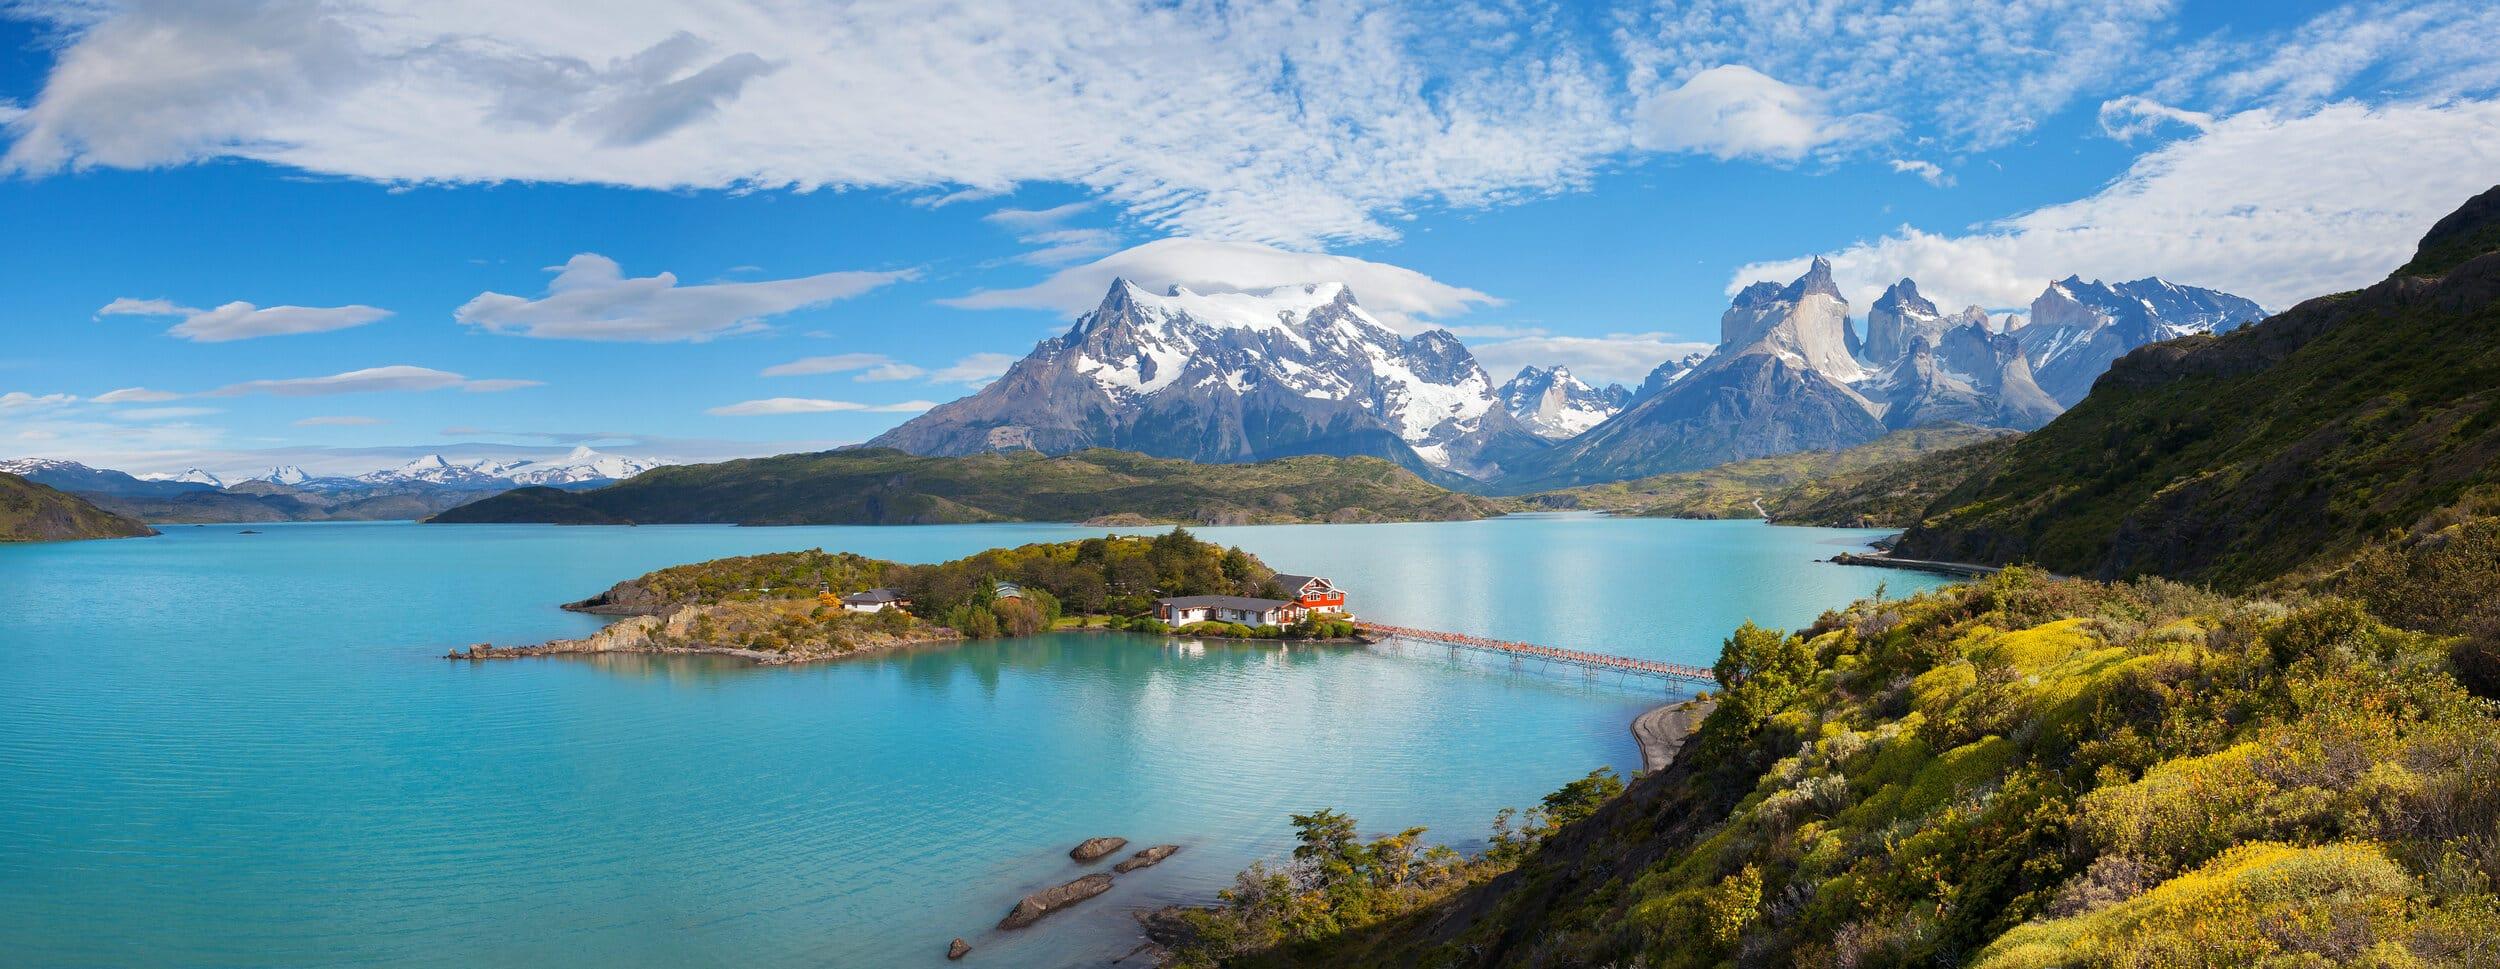 Patagonia lake view